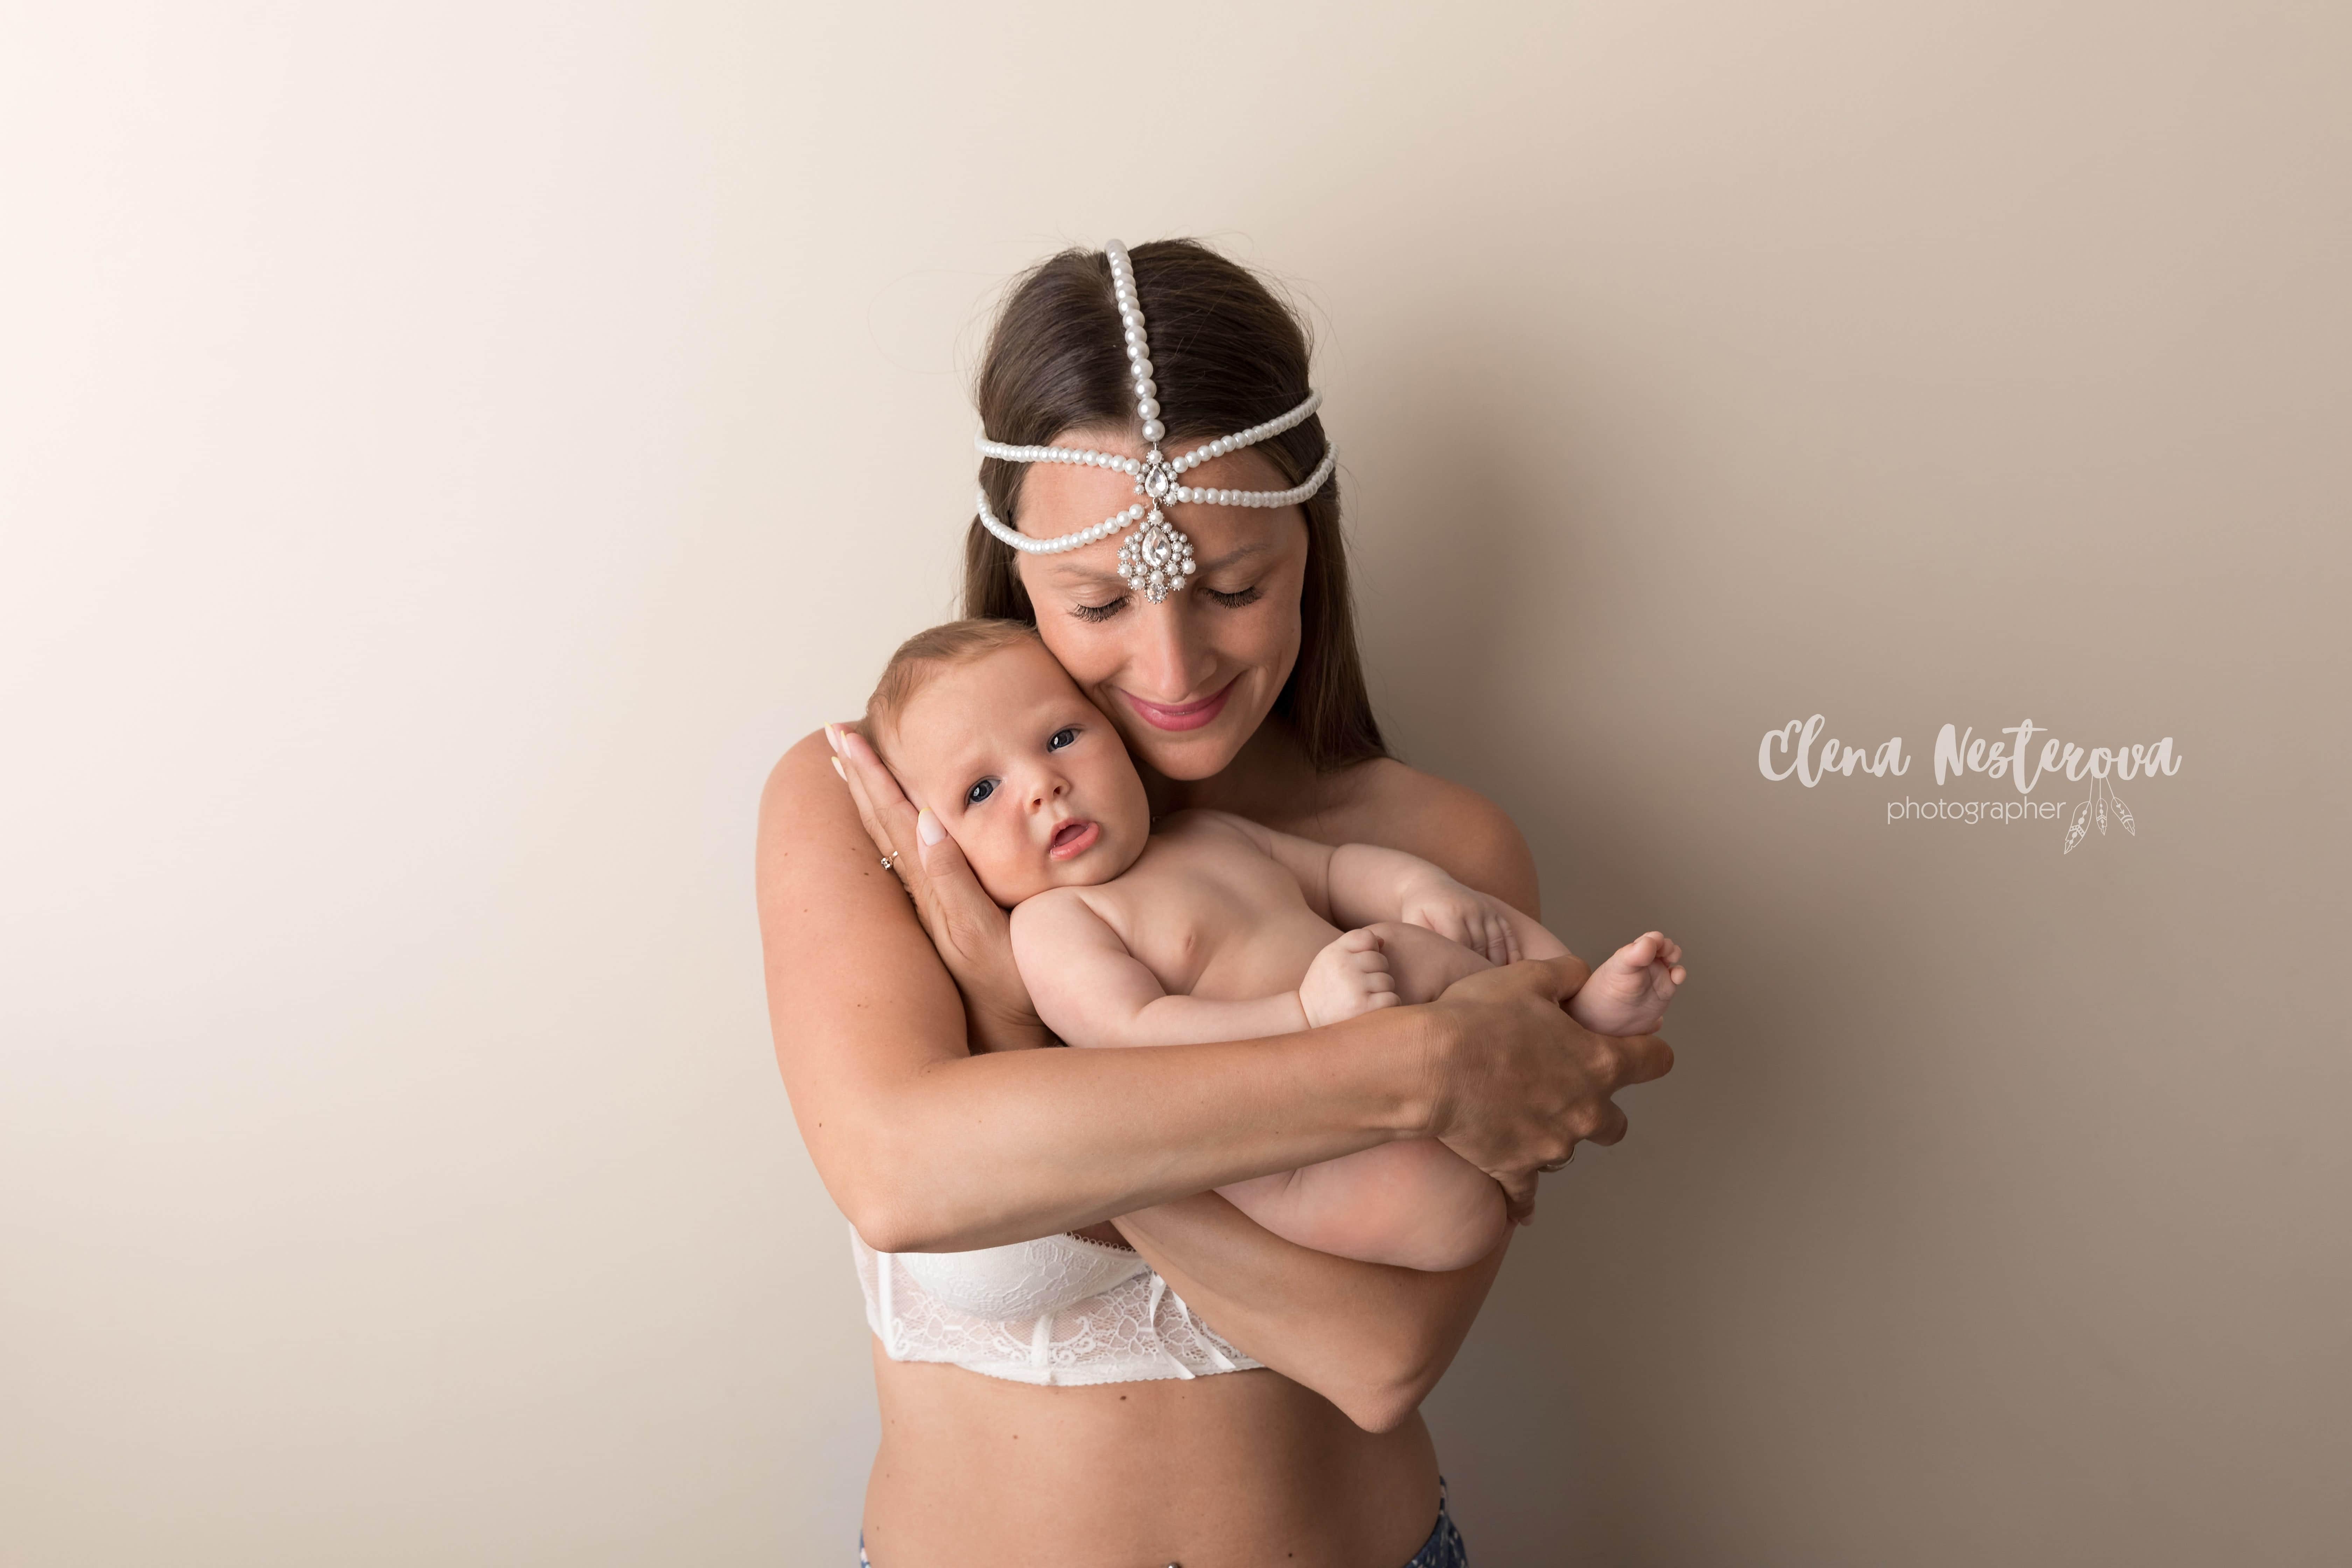 фото мамы и новорожденного